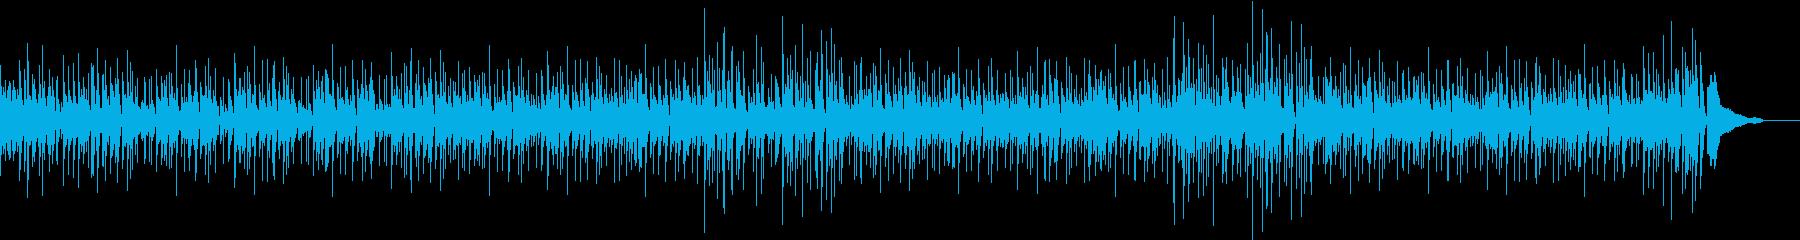 軽やかで可愛らしいスイングピアノの再生済みの波形